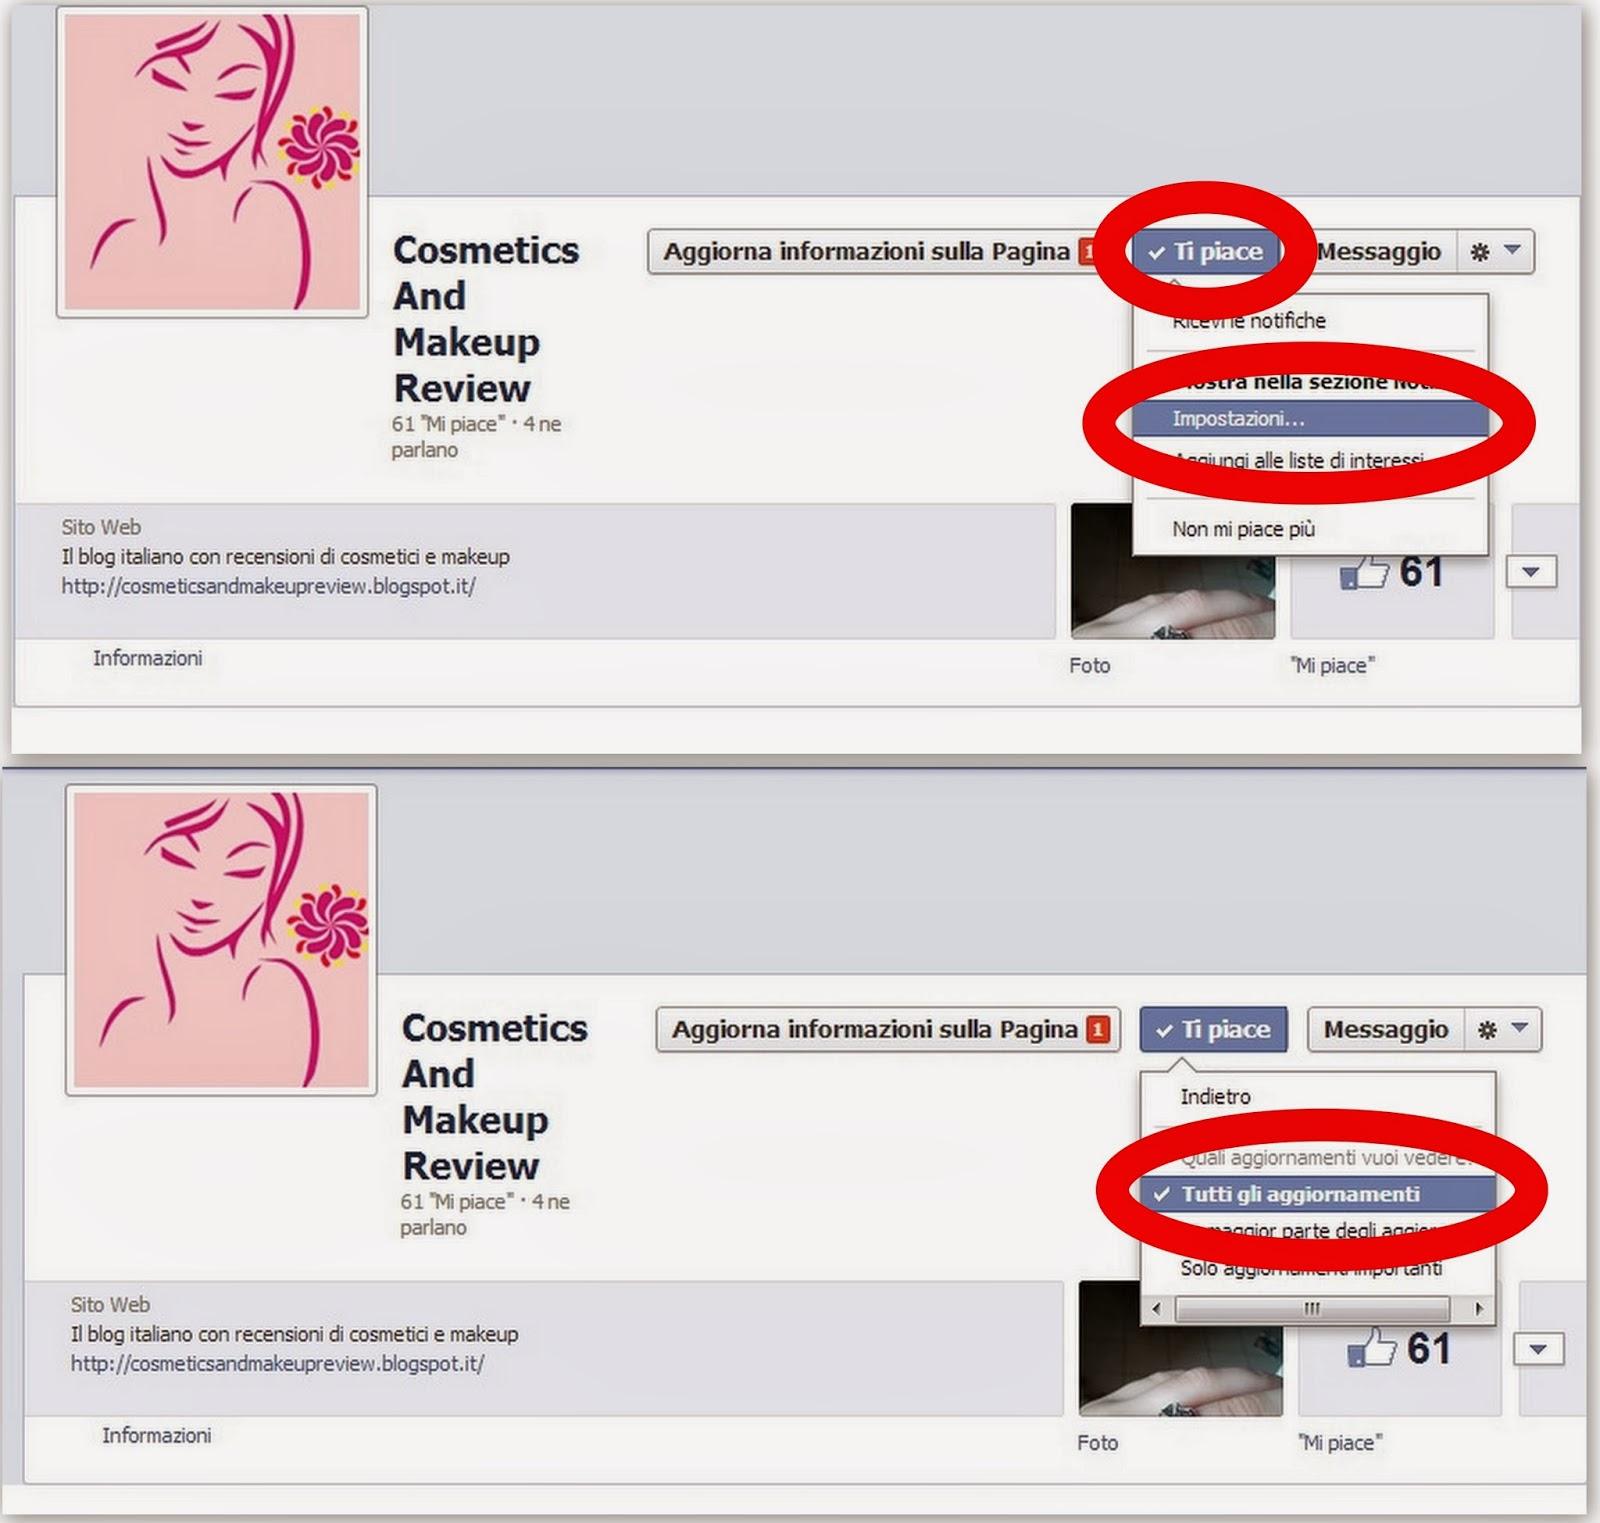 Facebook - Come ricevere tutti gli aggiornamenti della pagina